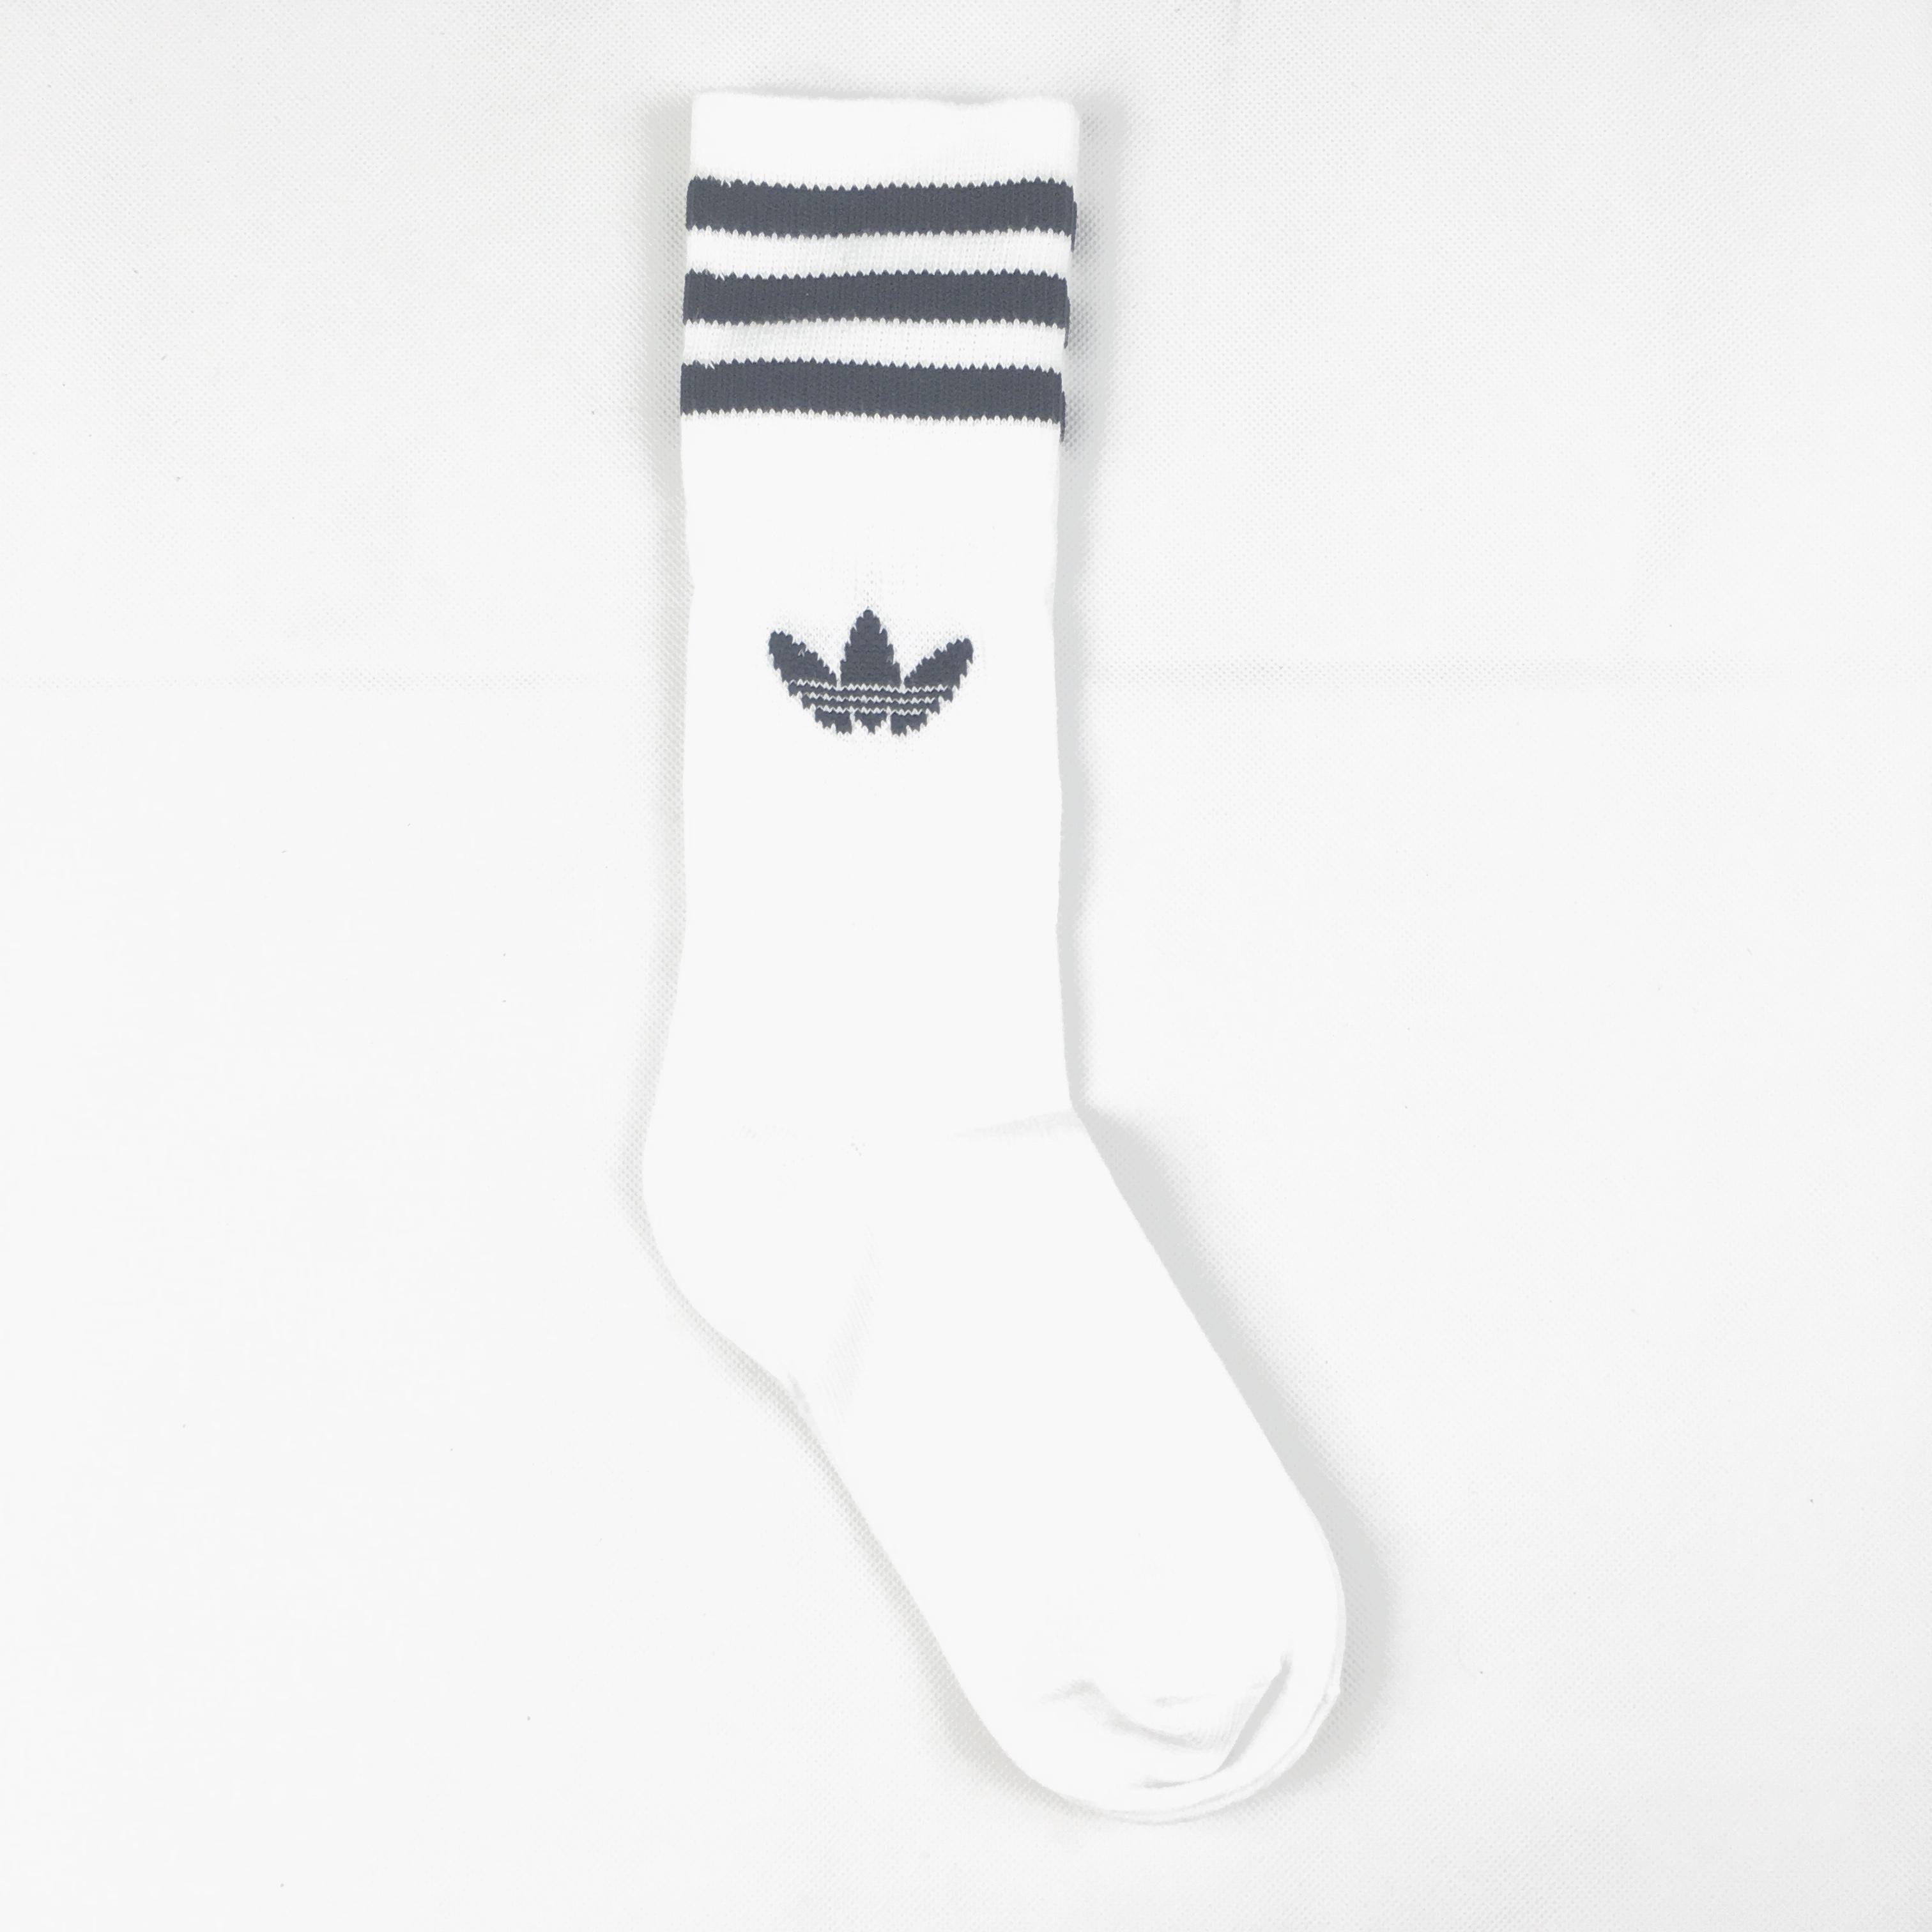 Ponožky adidas Originals Crew Bílé 39-42 - Glami.cz ef8870f0d4